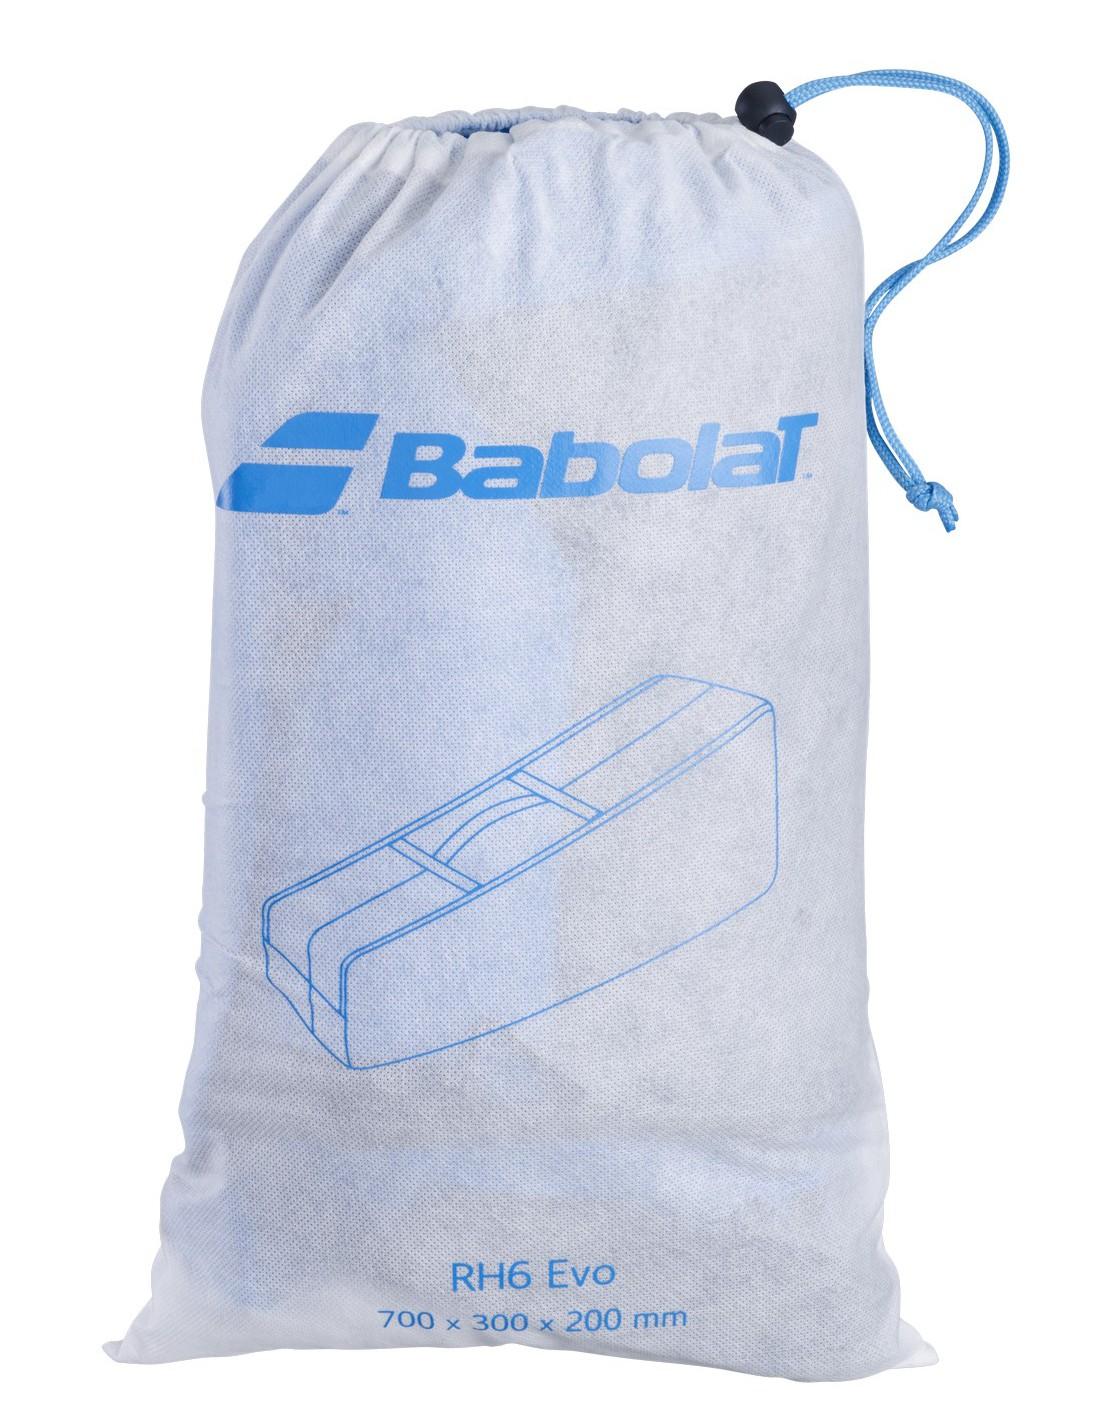 Raqueteira Babolat RH x6 Evo - Azul/Cinza  - REAL ESPORTE